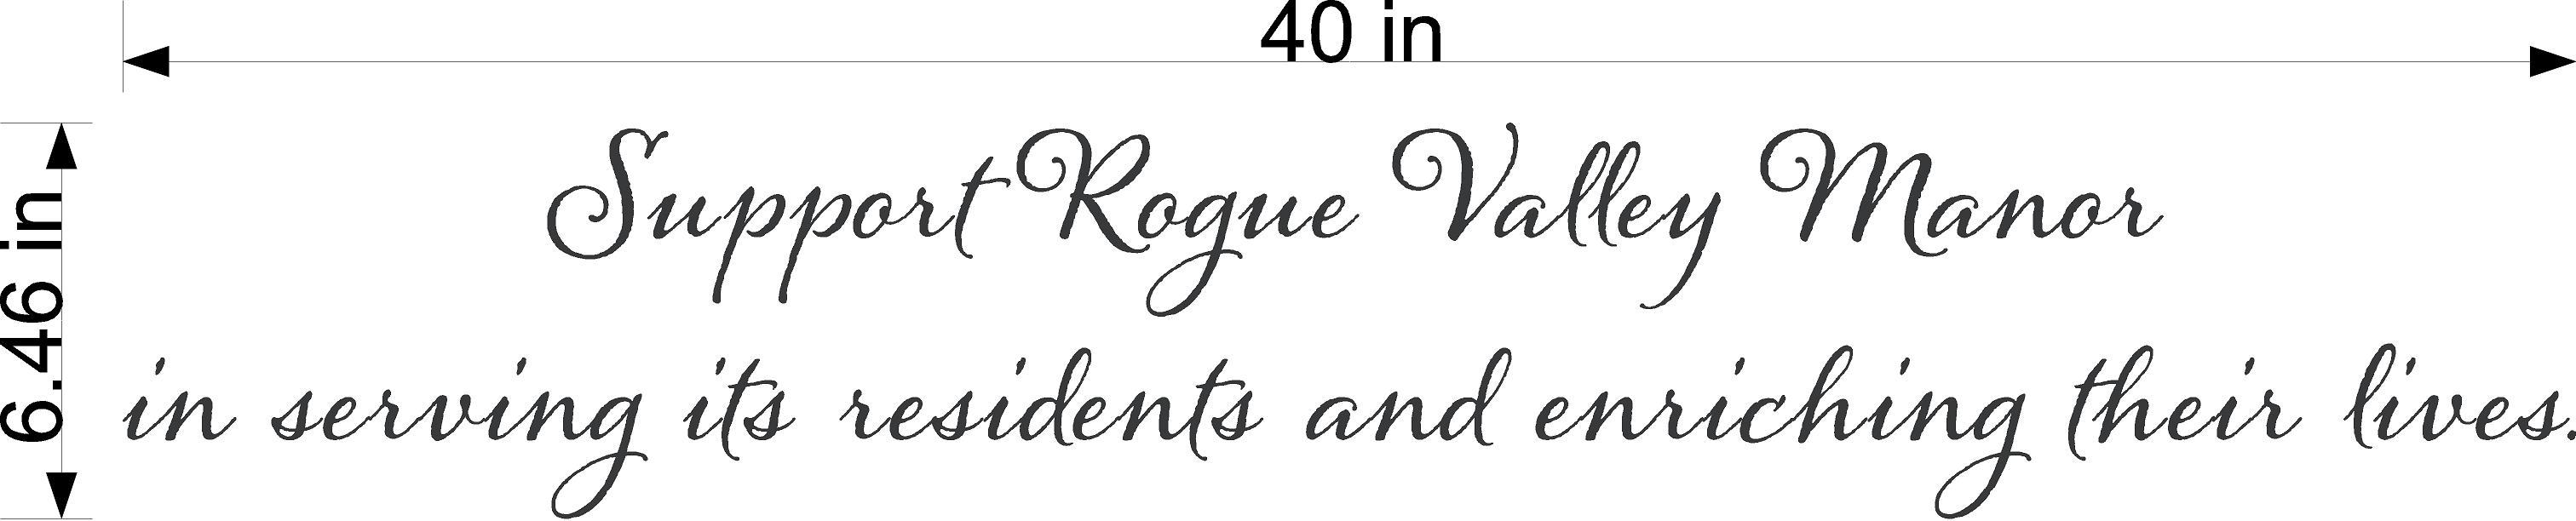 Rogue Valley Manor